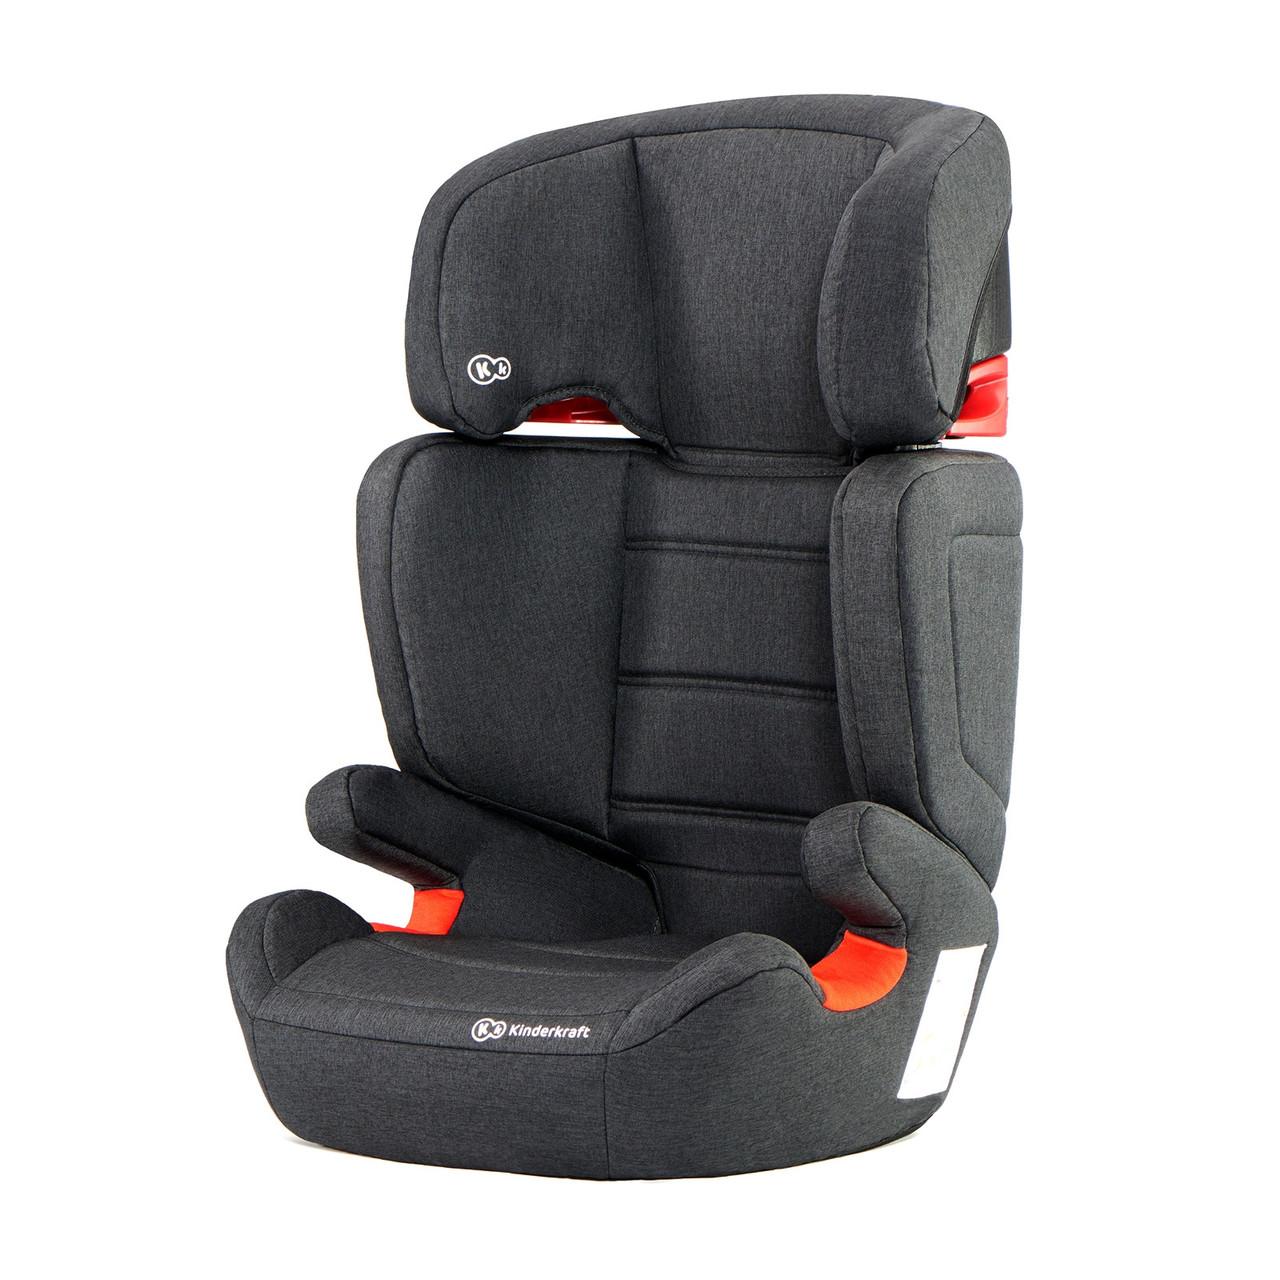 Автокресло для ребенка с регулировкой подголовника Kinderkraft Junior fix 9-36 кг